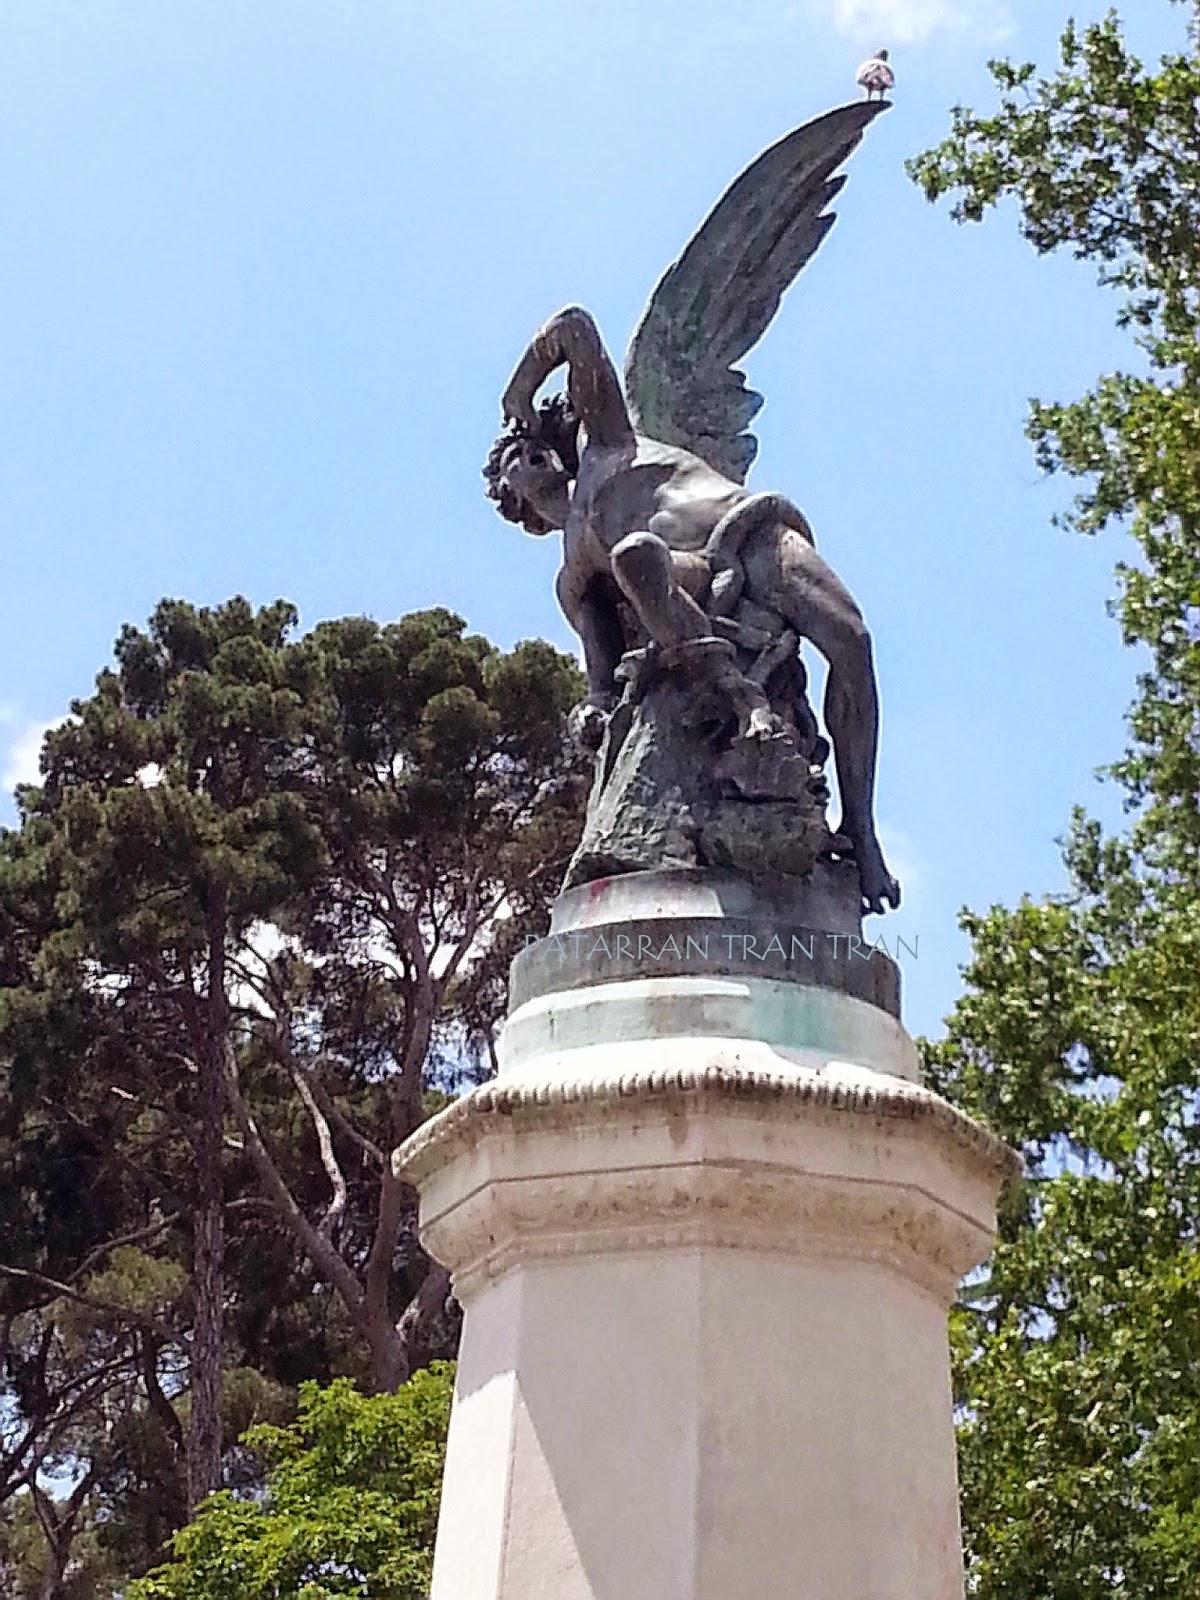 El Angel Caído, Retiro, Madrid me mata aunque no siempre,